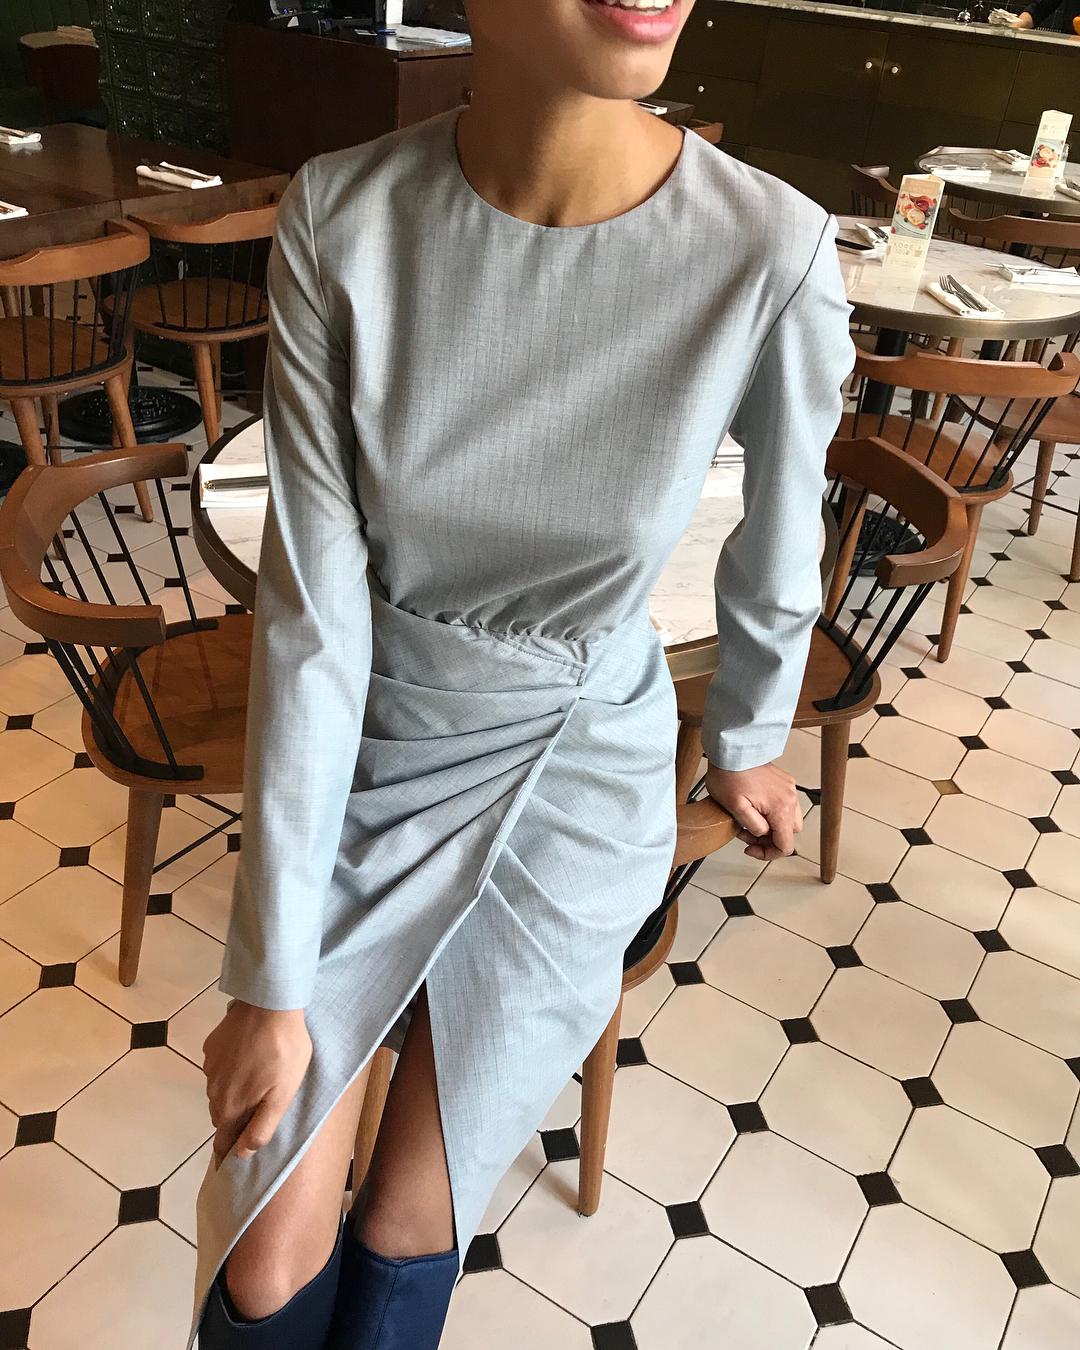 Модные образы для деловых женщин осень-зима 2018-2019 фото 3